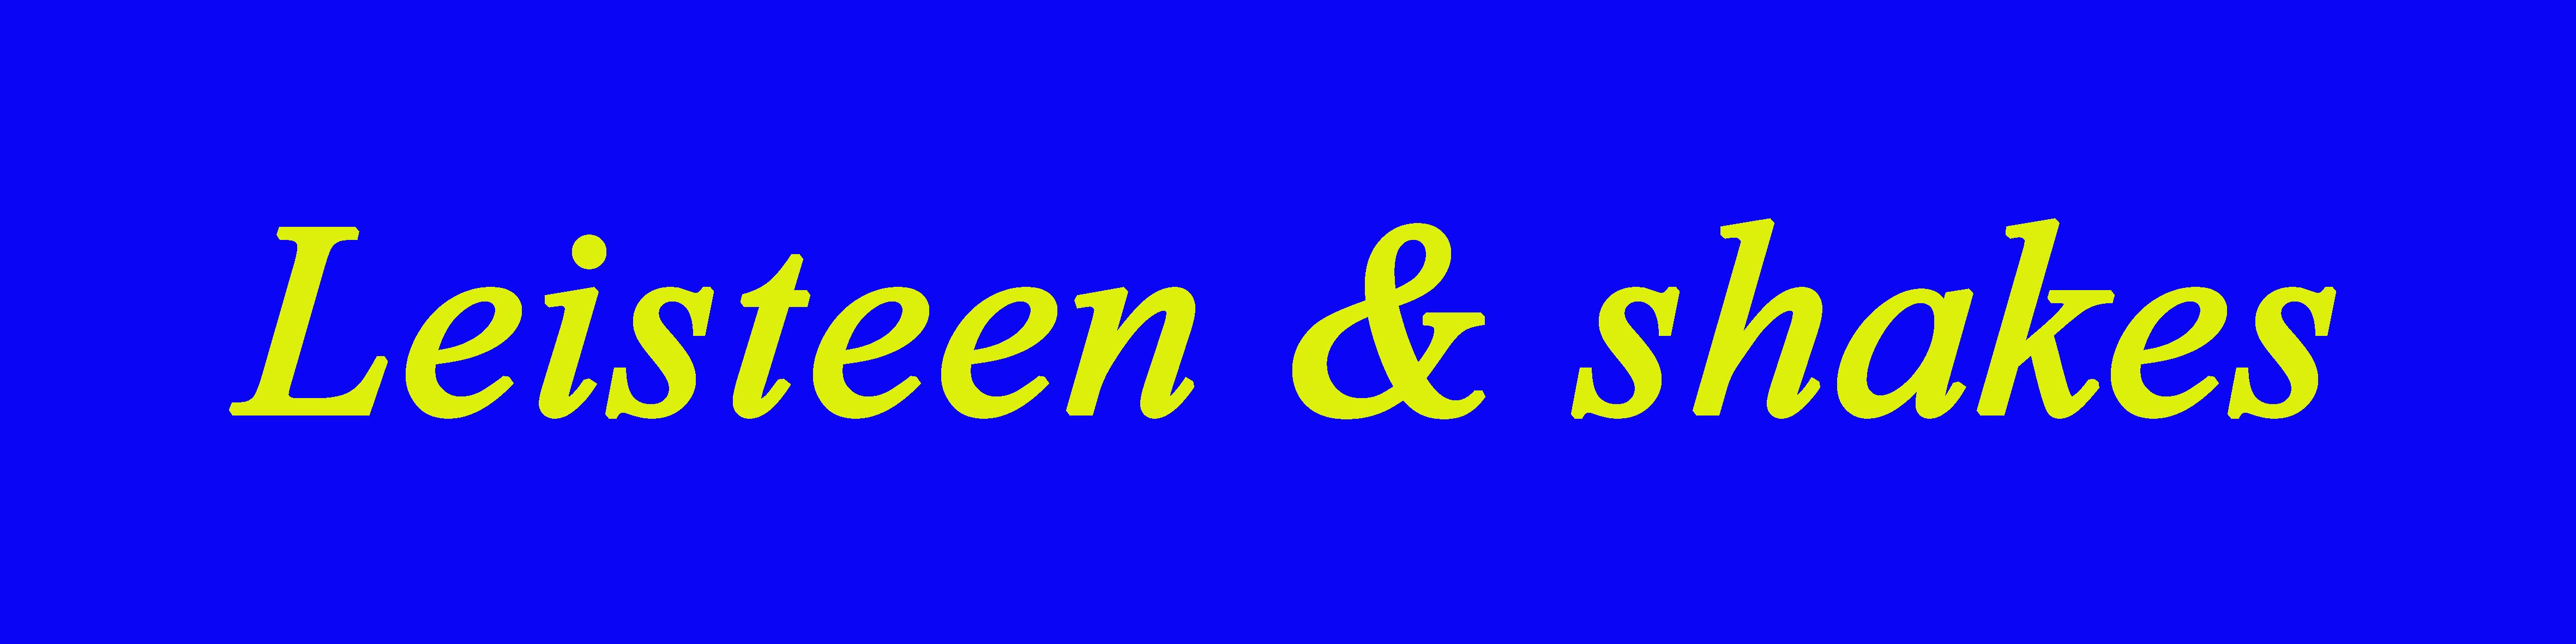 Leisteen & shakes